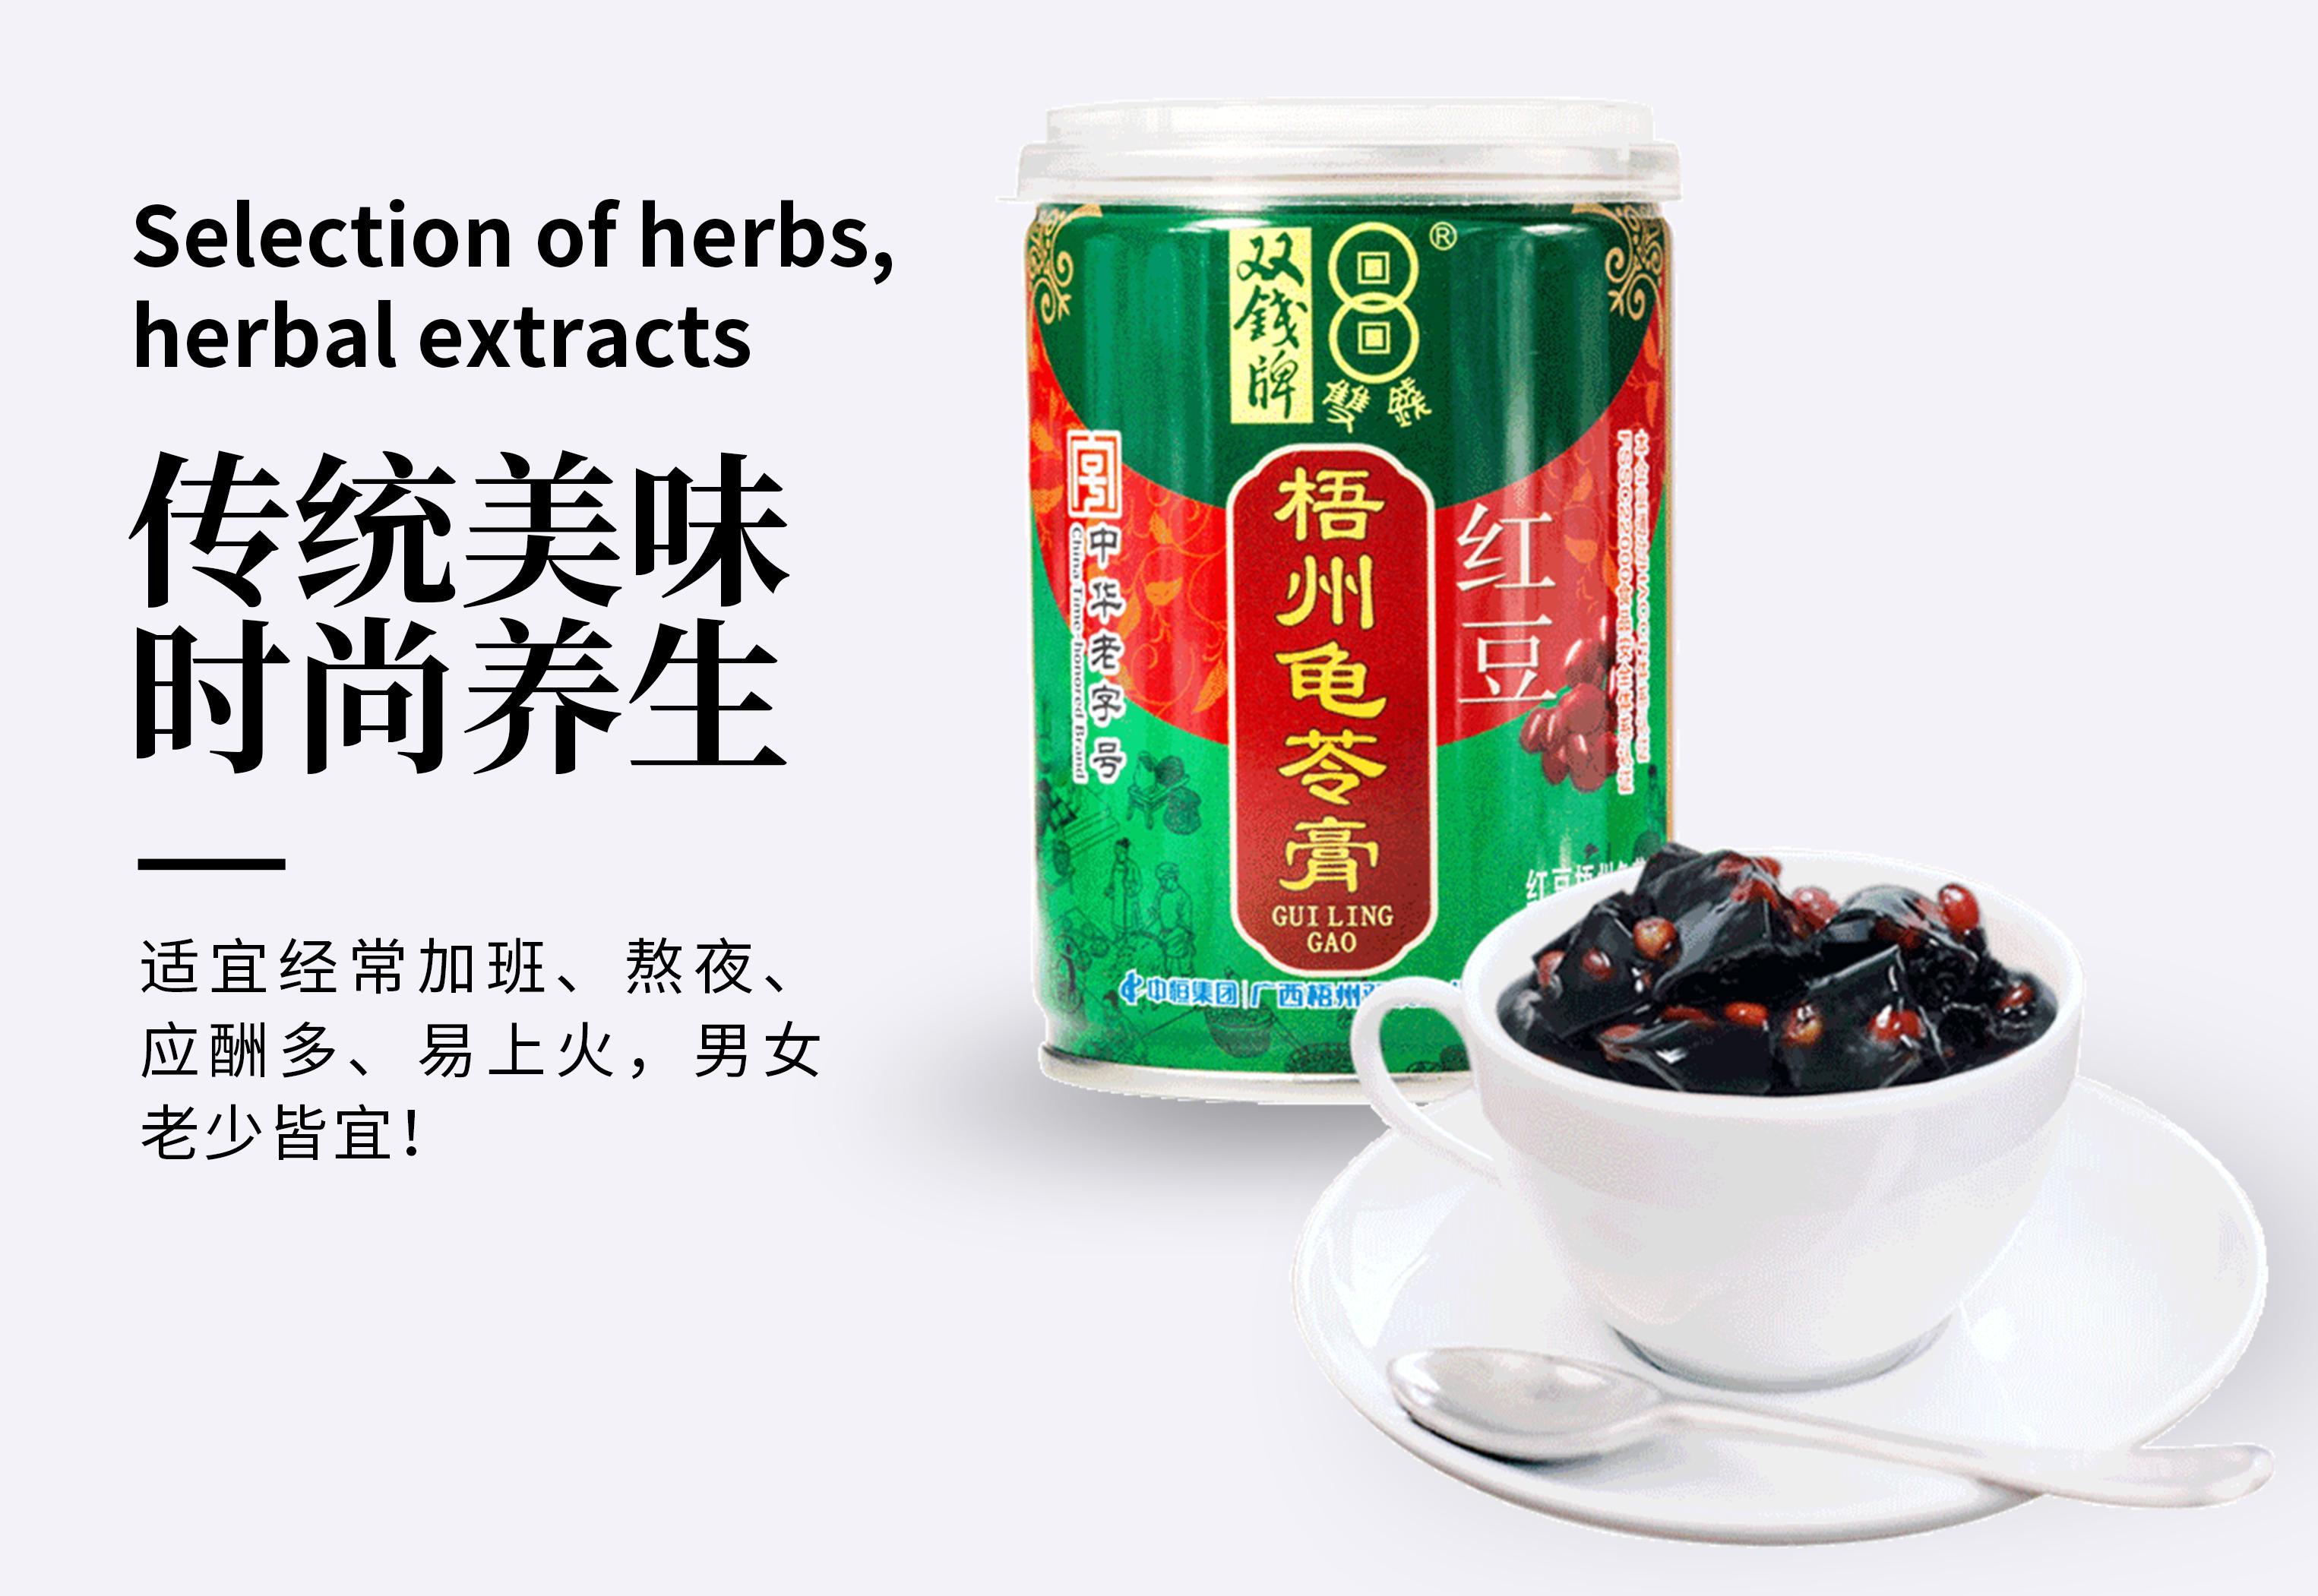 紅豆罐裝龜苓膏官網2